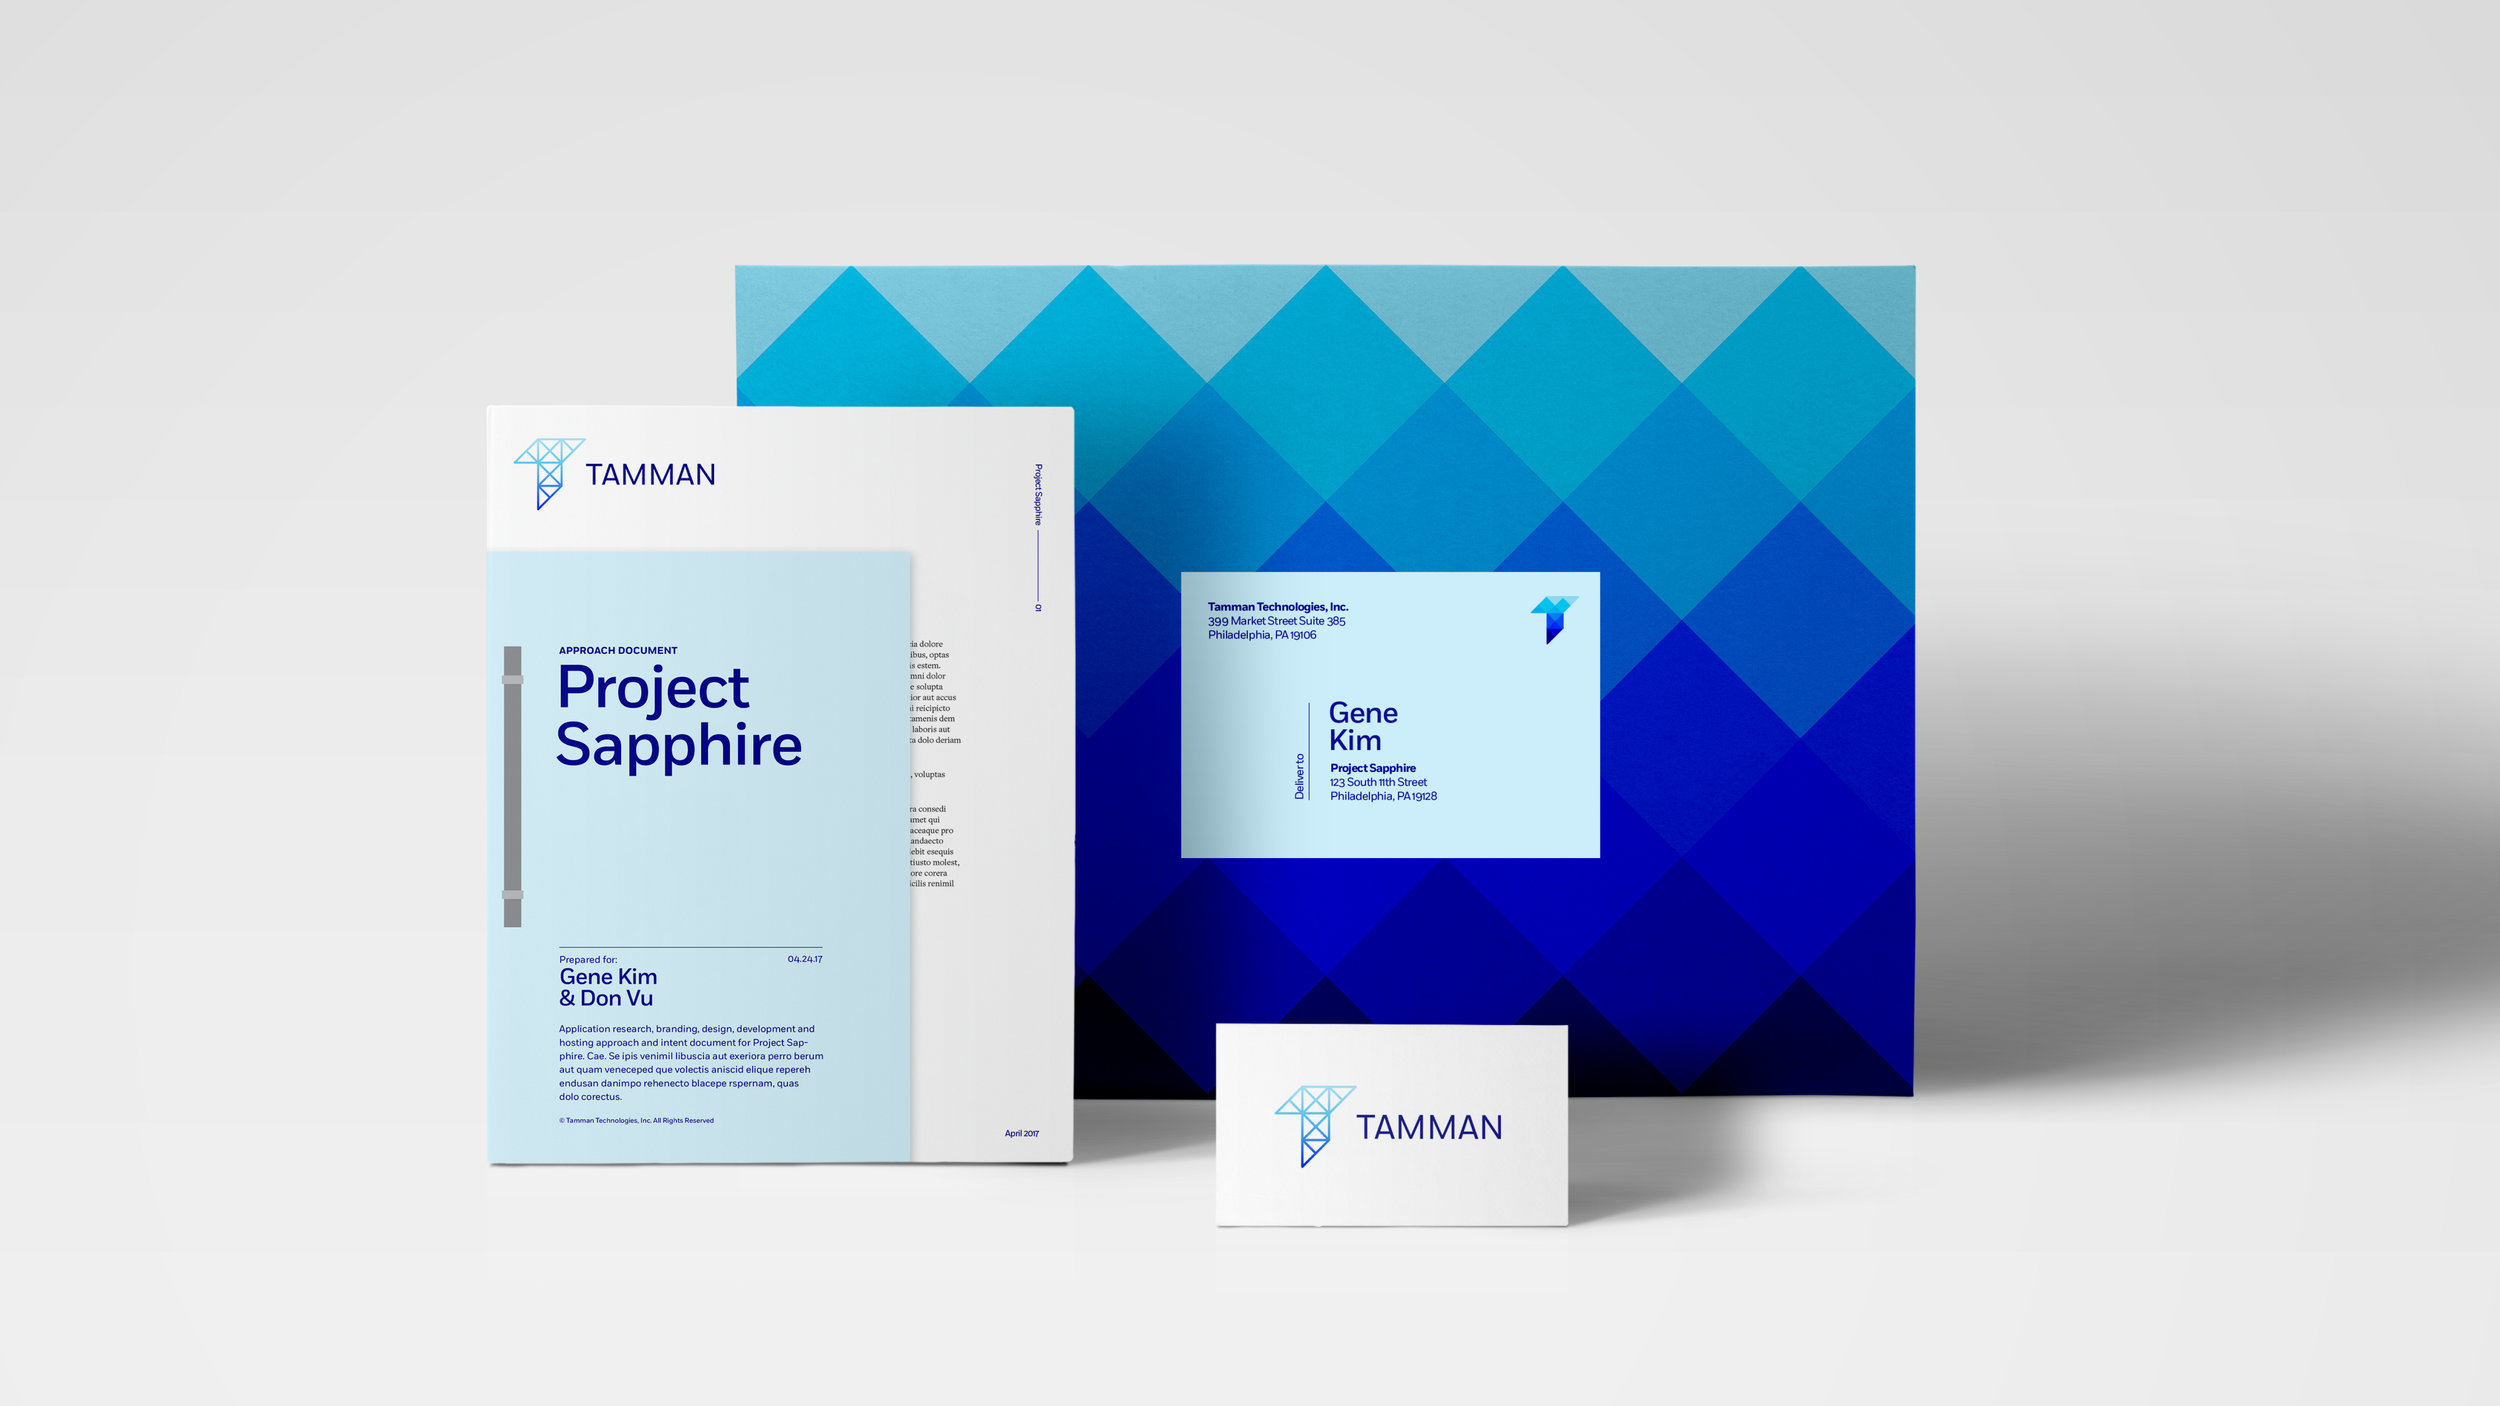 TT_Concept_Pres_R1_75.jpg